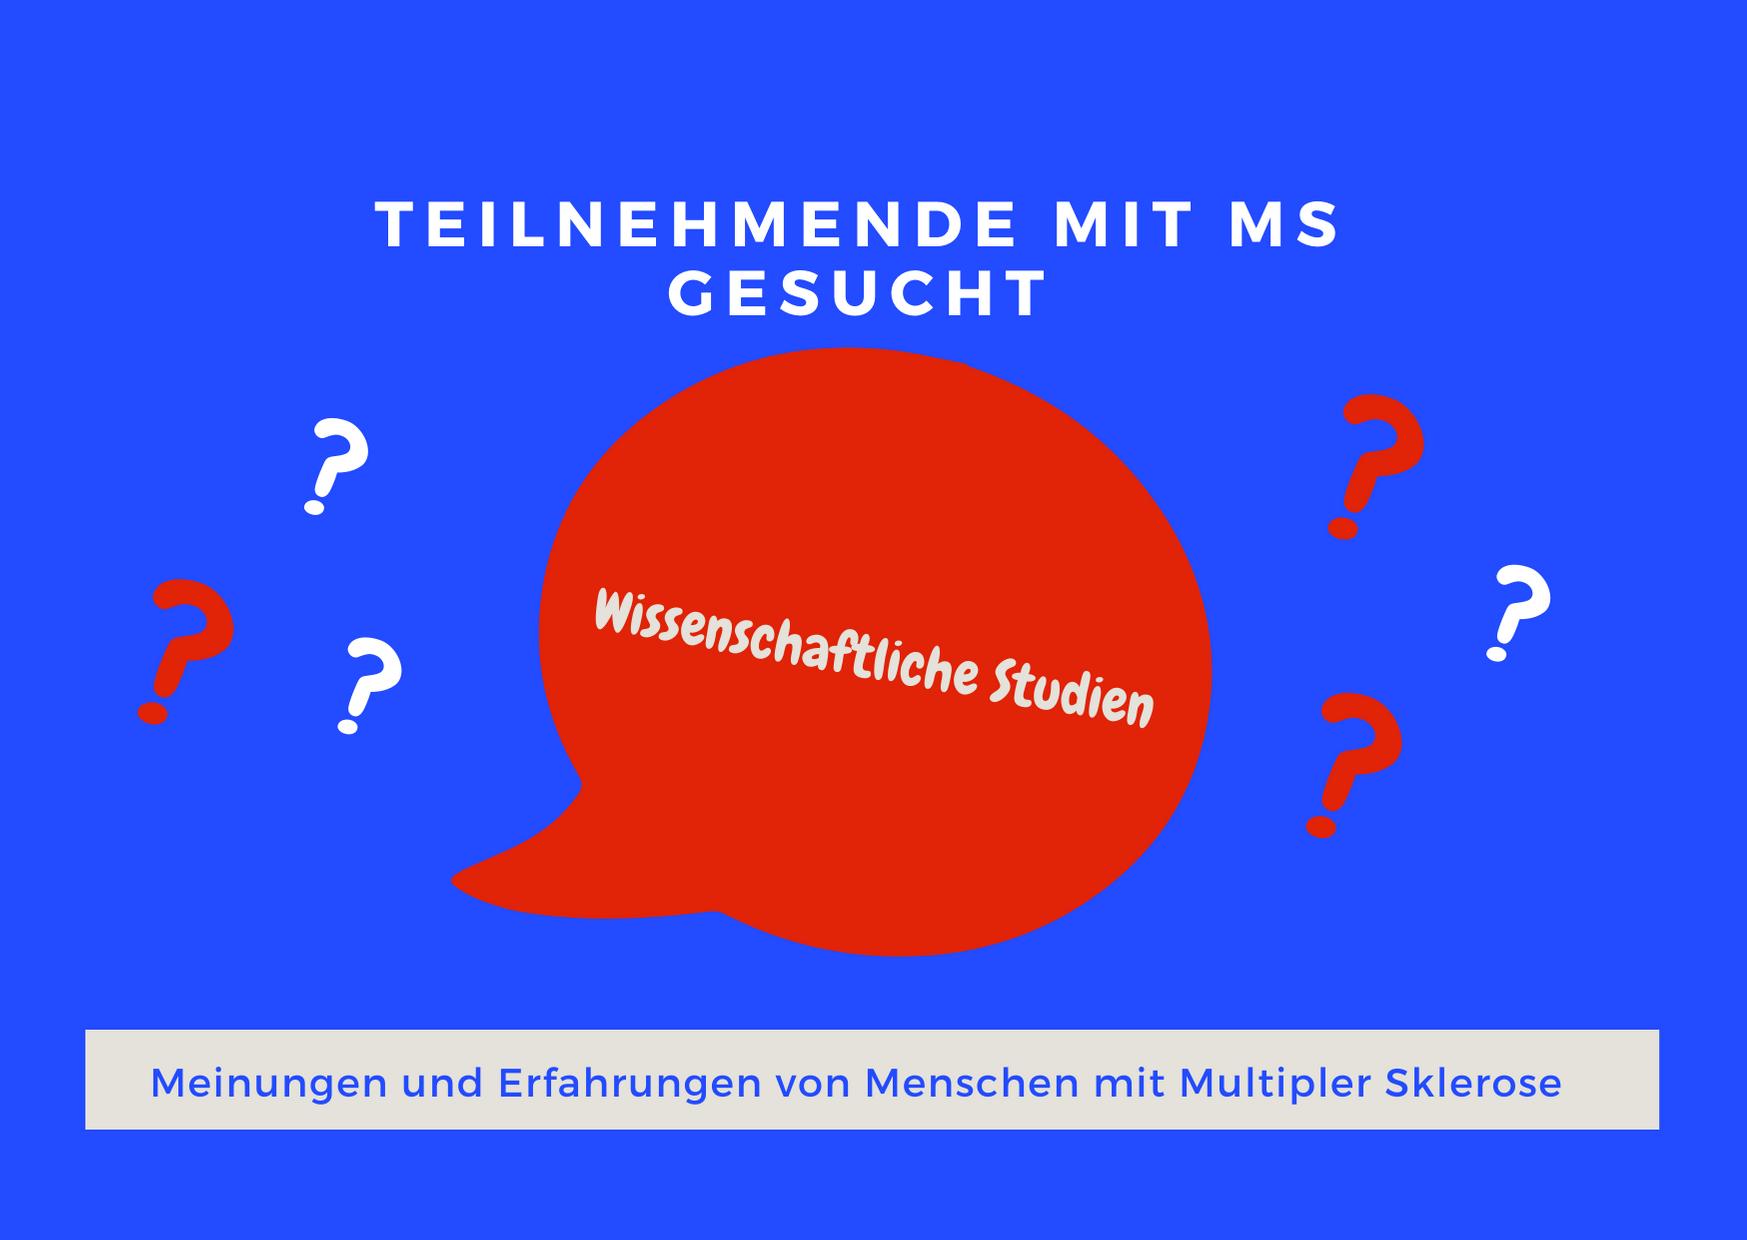 blaues Rechteck mit Sprechblase, Text: Wissenschaftliche Studien: Teilnehmende Mit MS gesucht